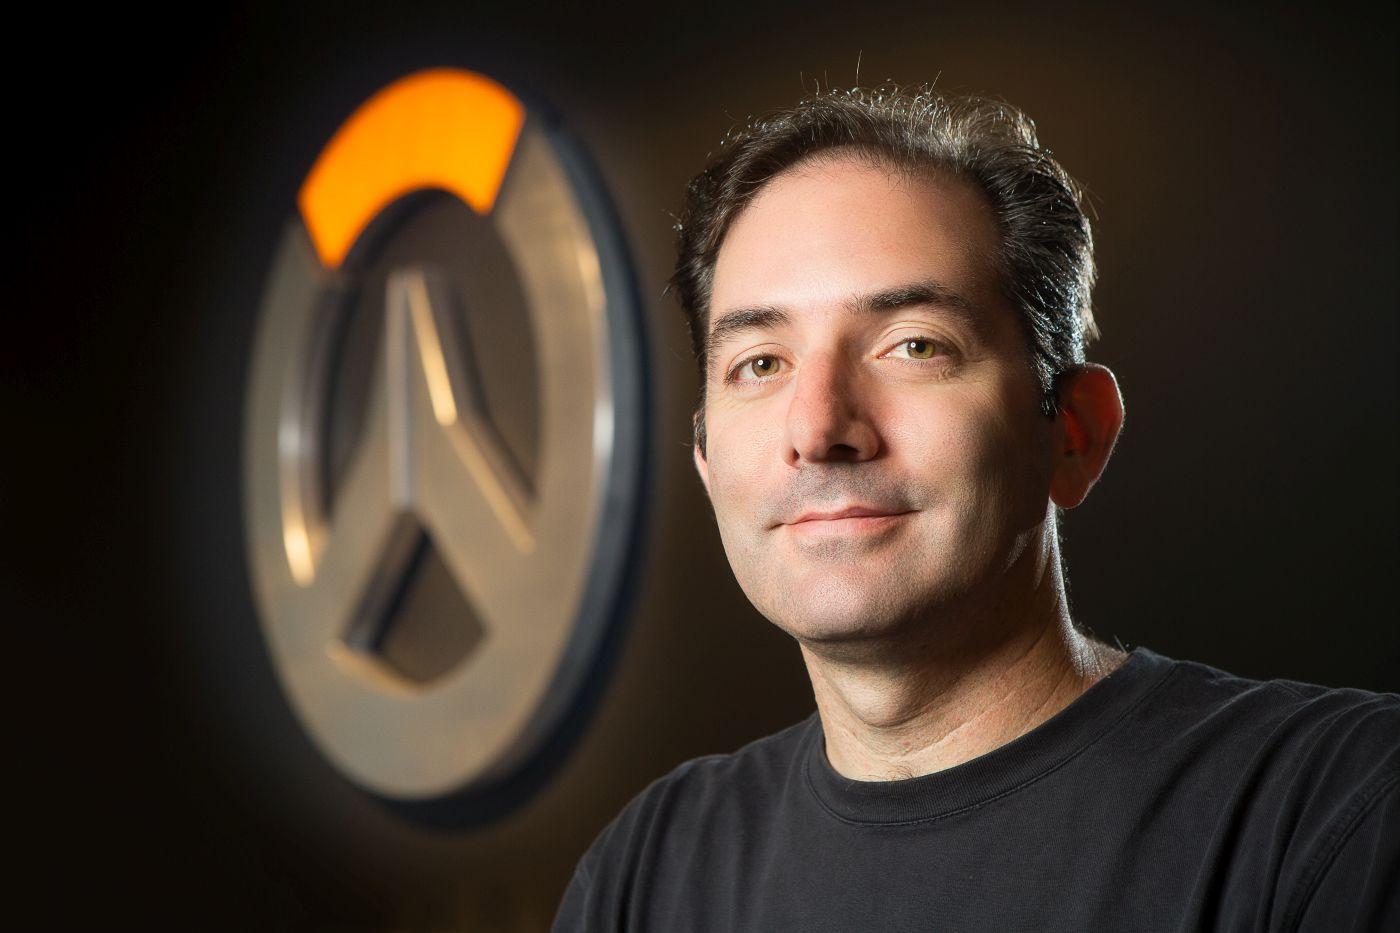 Jeff Kaplan verlässt Blizzard – So emotional reagieren Spieler von WoW und Overwatch